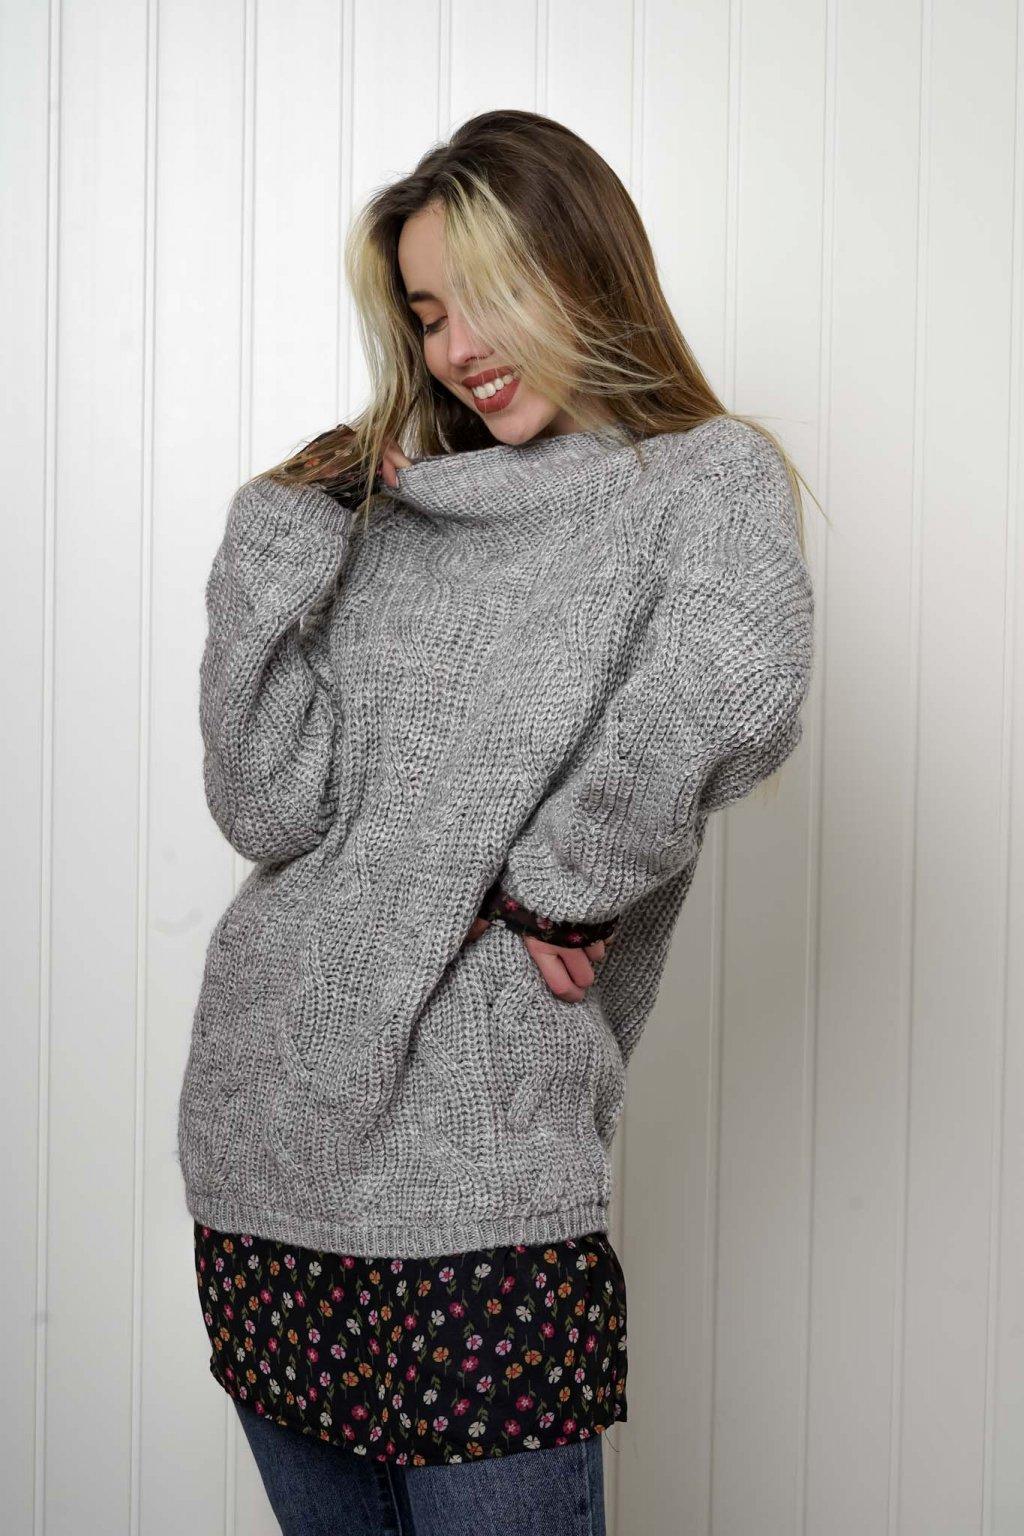 sveter, svetrík, sveter dámsky, úplet, úpletový sveter, jednoduchý sveter, v výstríh, štýlový, chlpatý,vzorovaný, srdiečkový, čierny, biely, farebný, 177